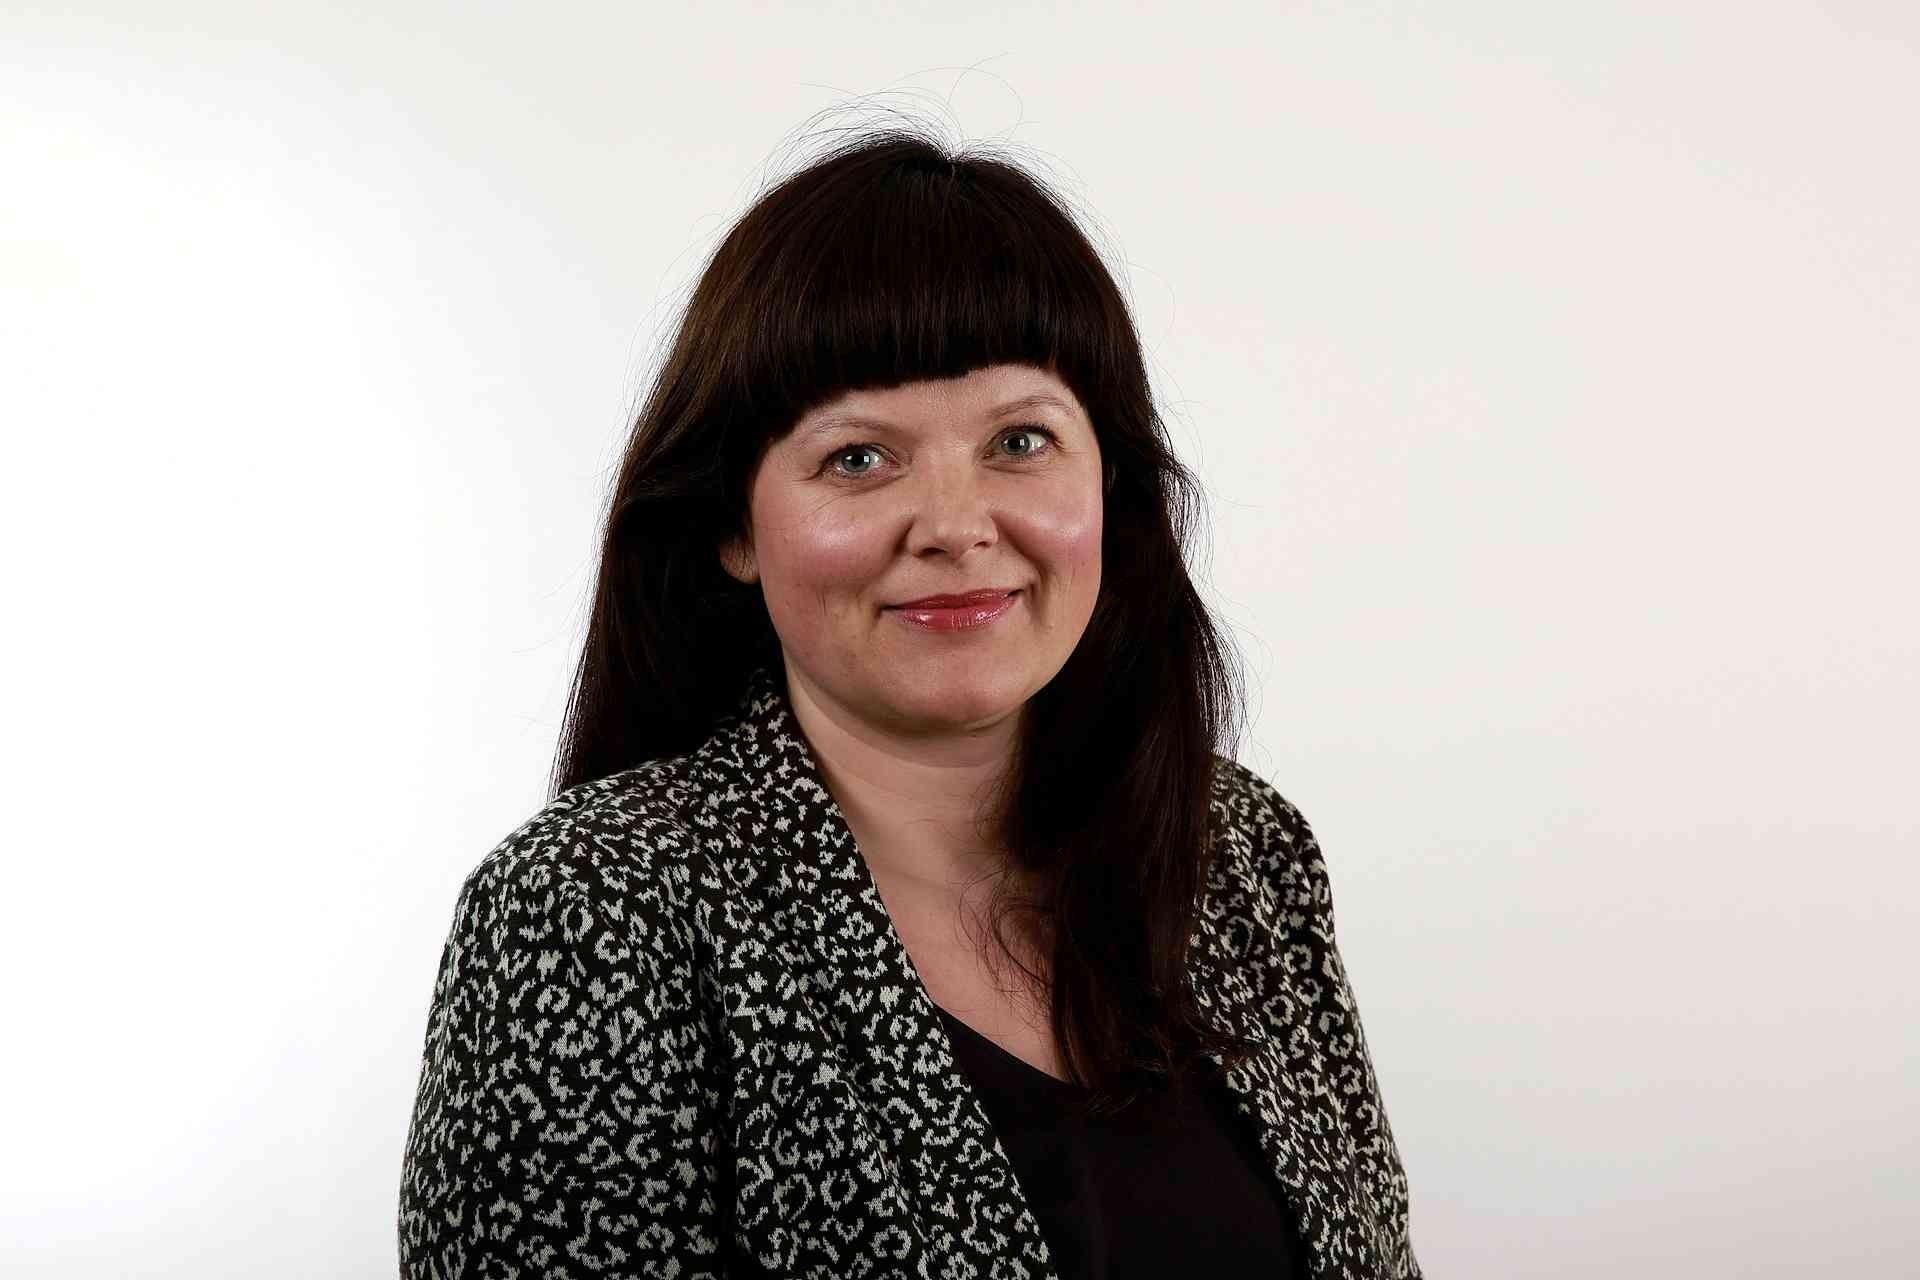 Karen Tjernshaugen